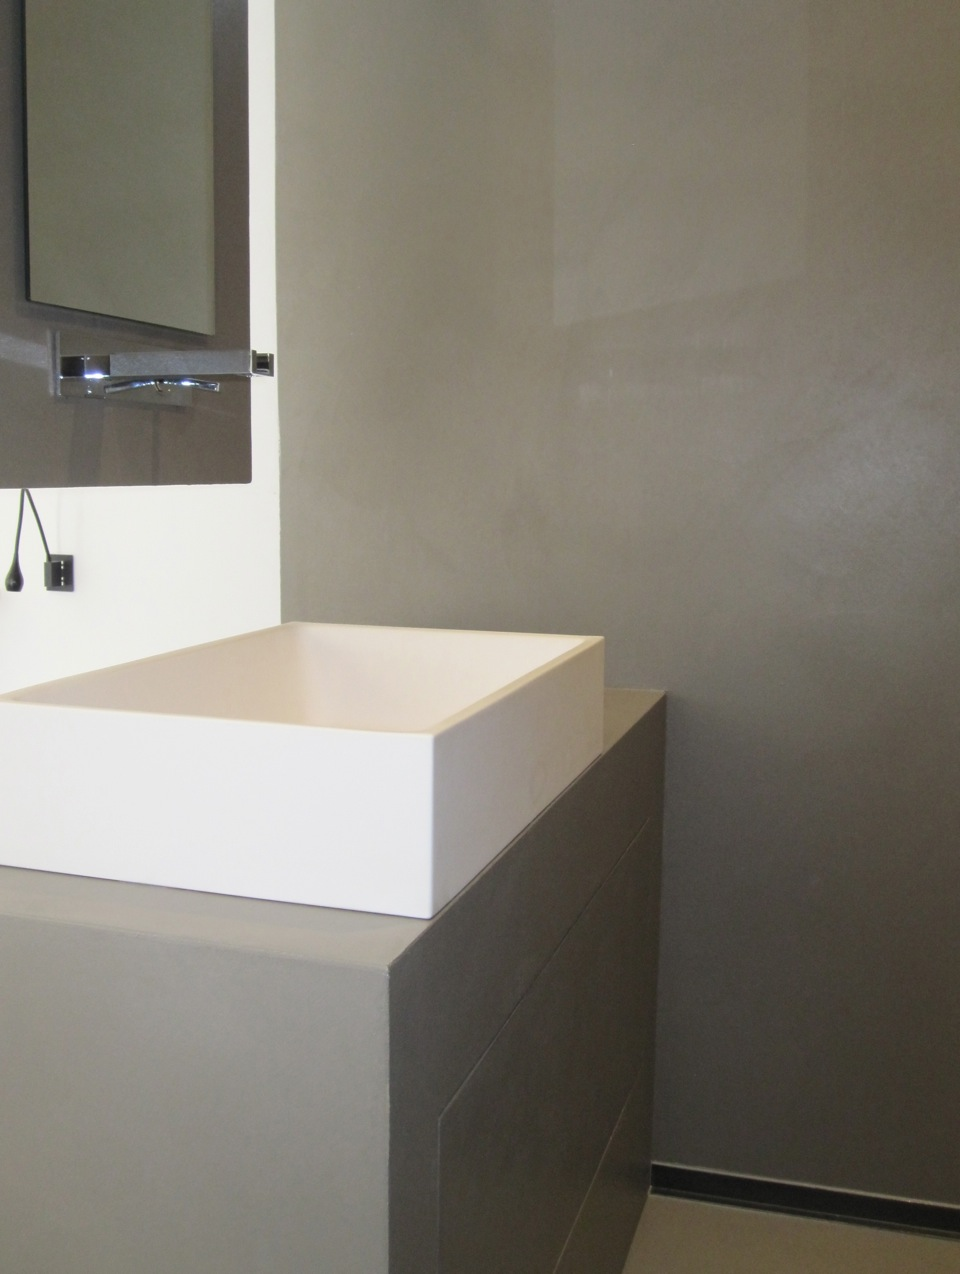 Resine bagno idee creative di interni e mobili - Pavimenti bagno in resina ...